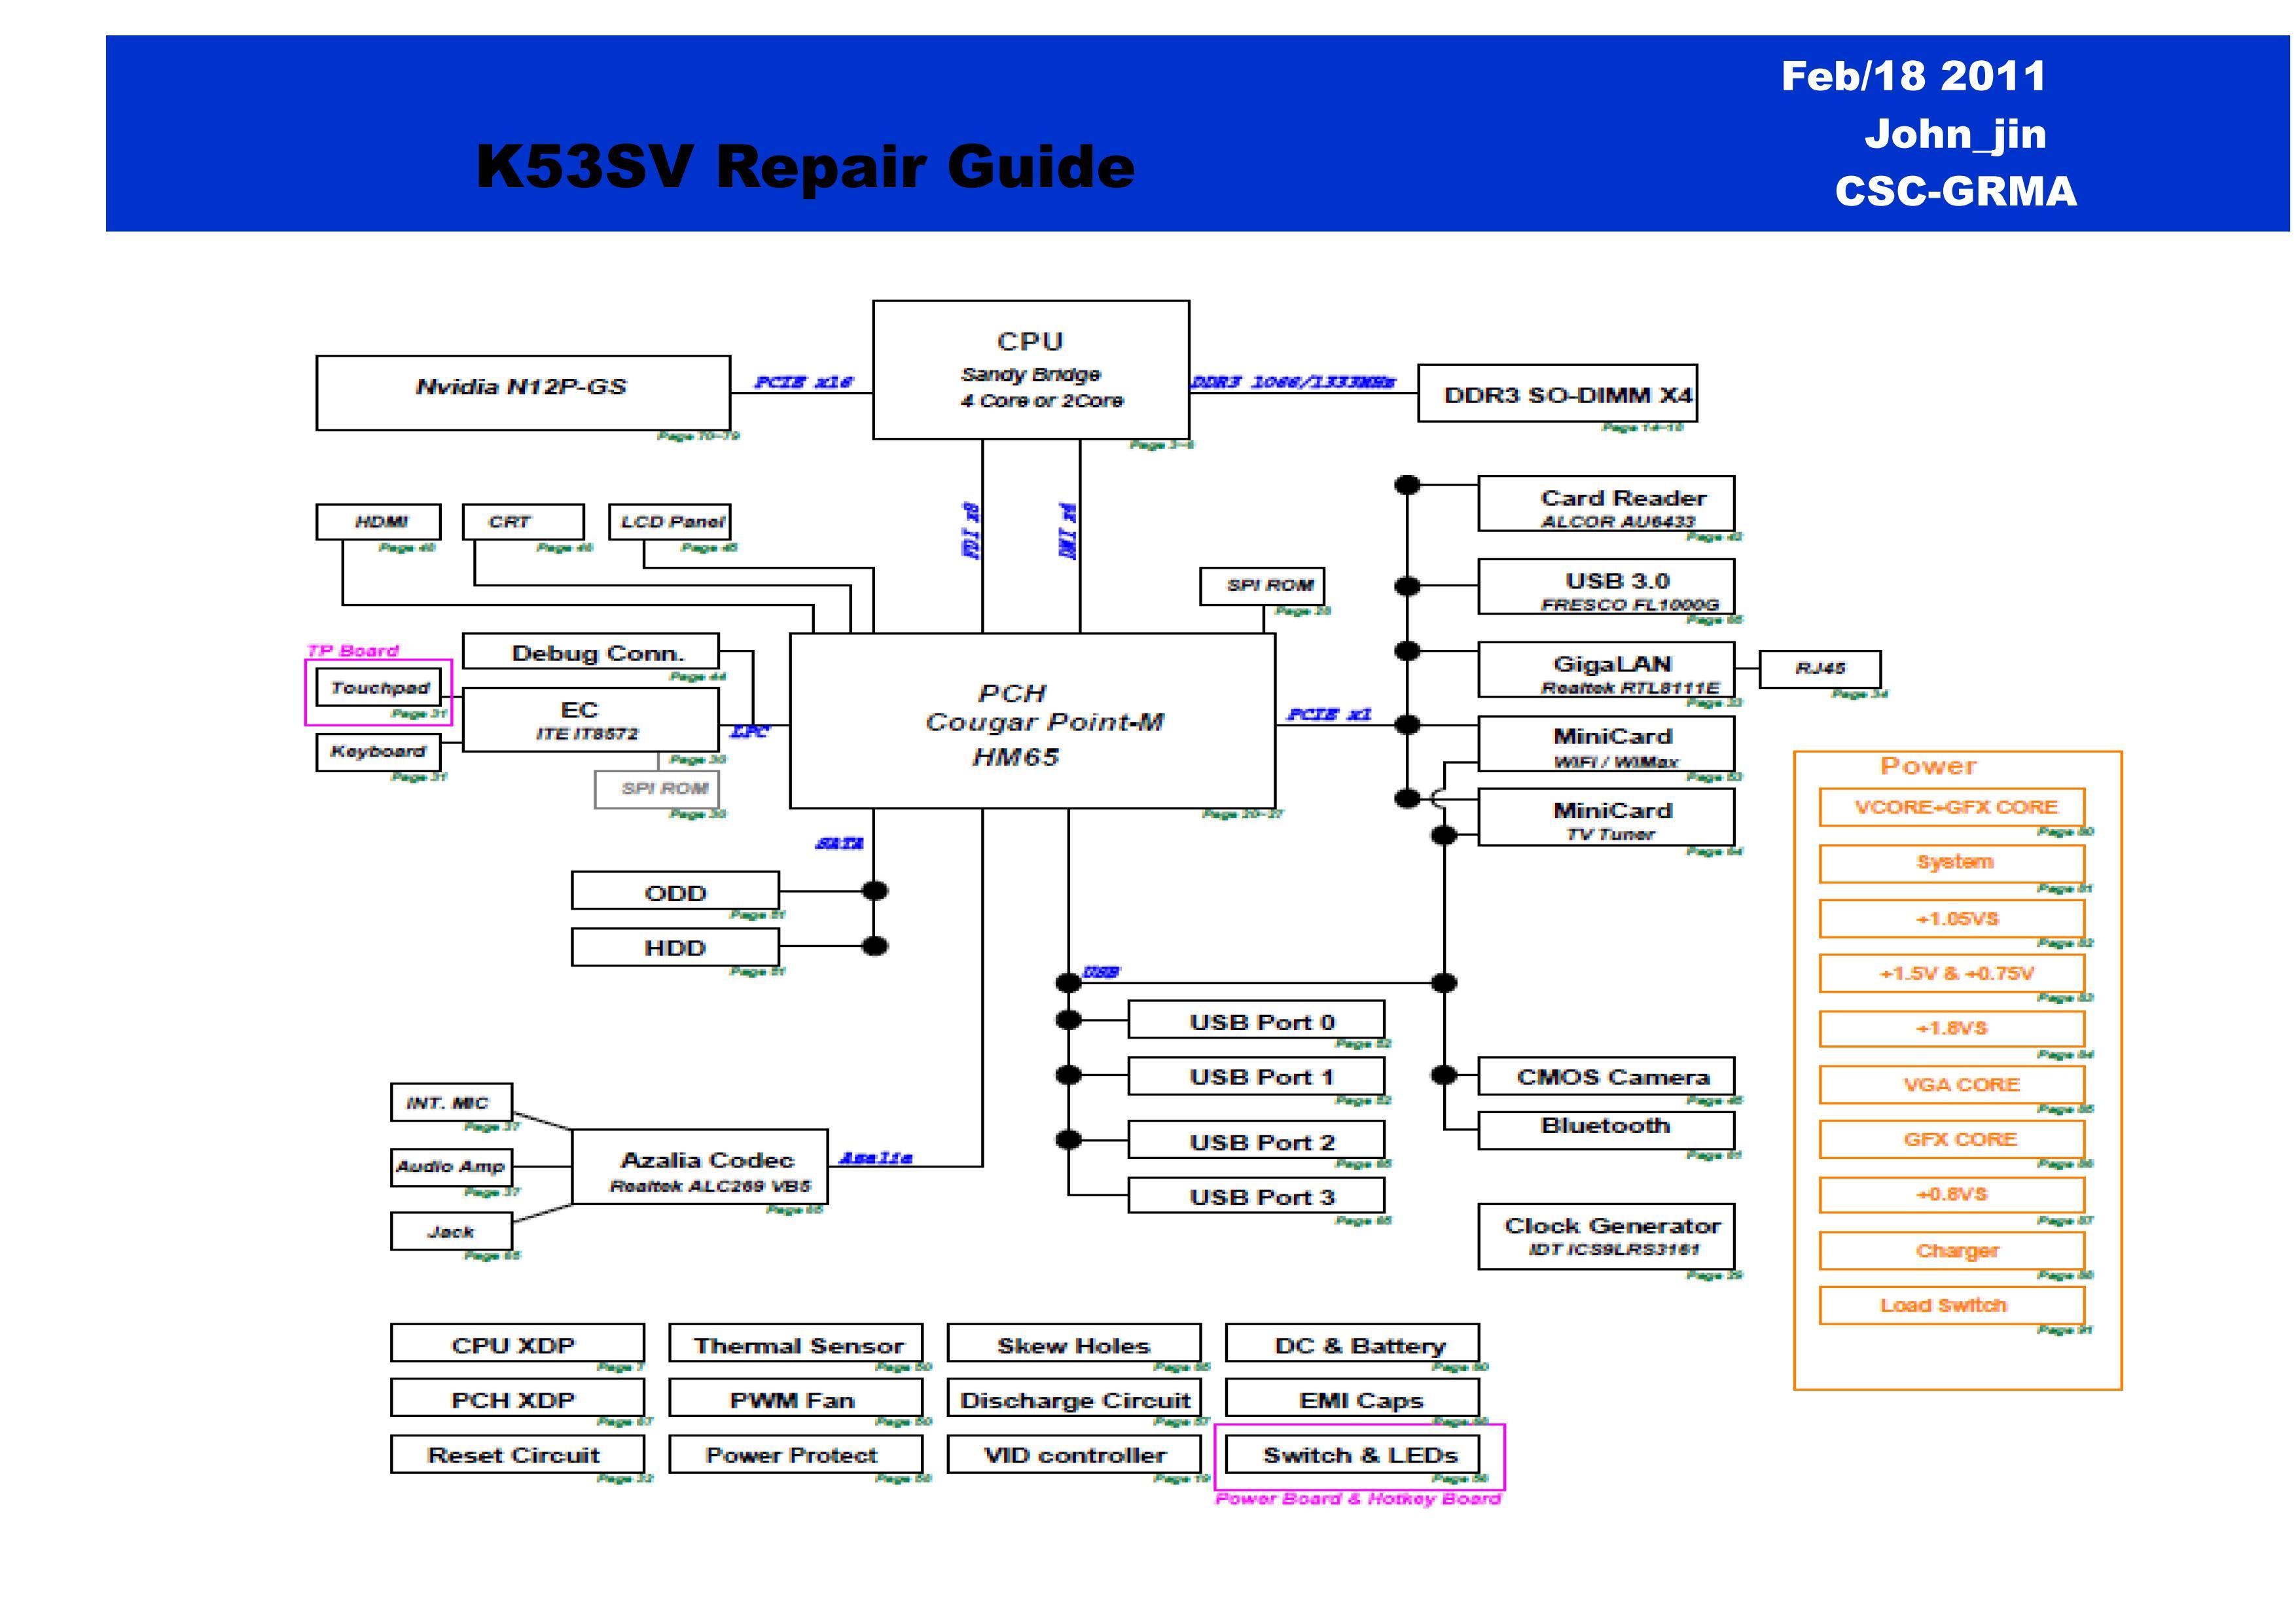 K53SV Repair Guide